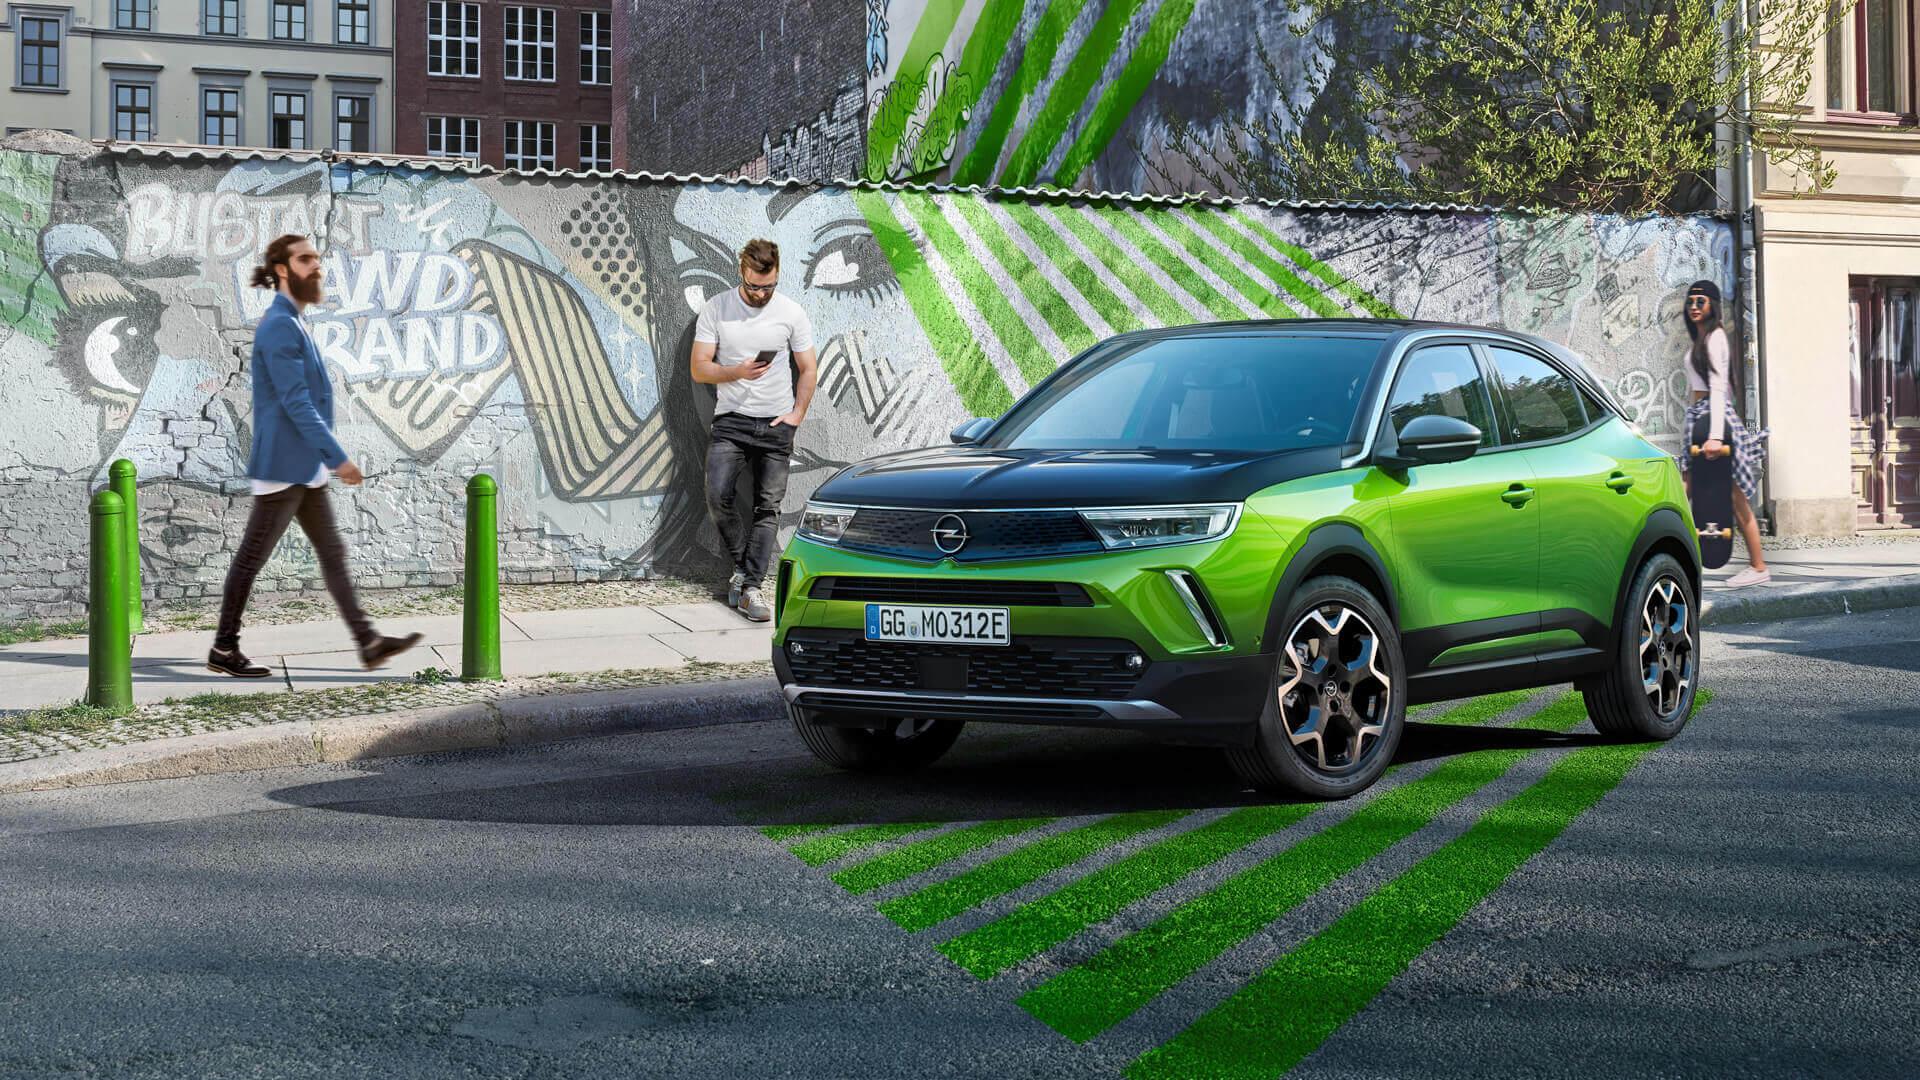 Mokka является первой моделью Opel, демонстрирующей новую фирменную переднюю панель Opel Vizor